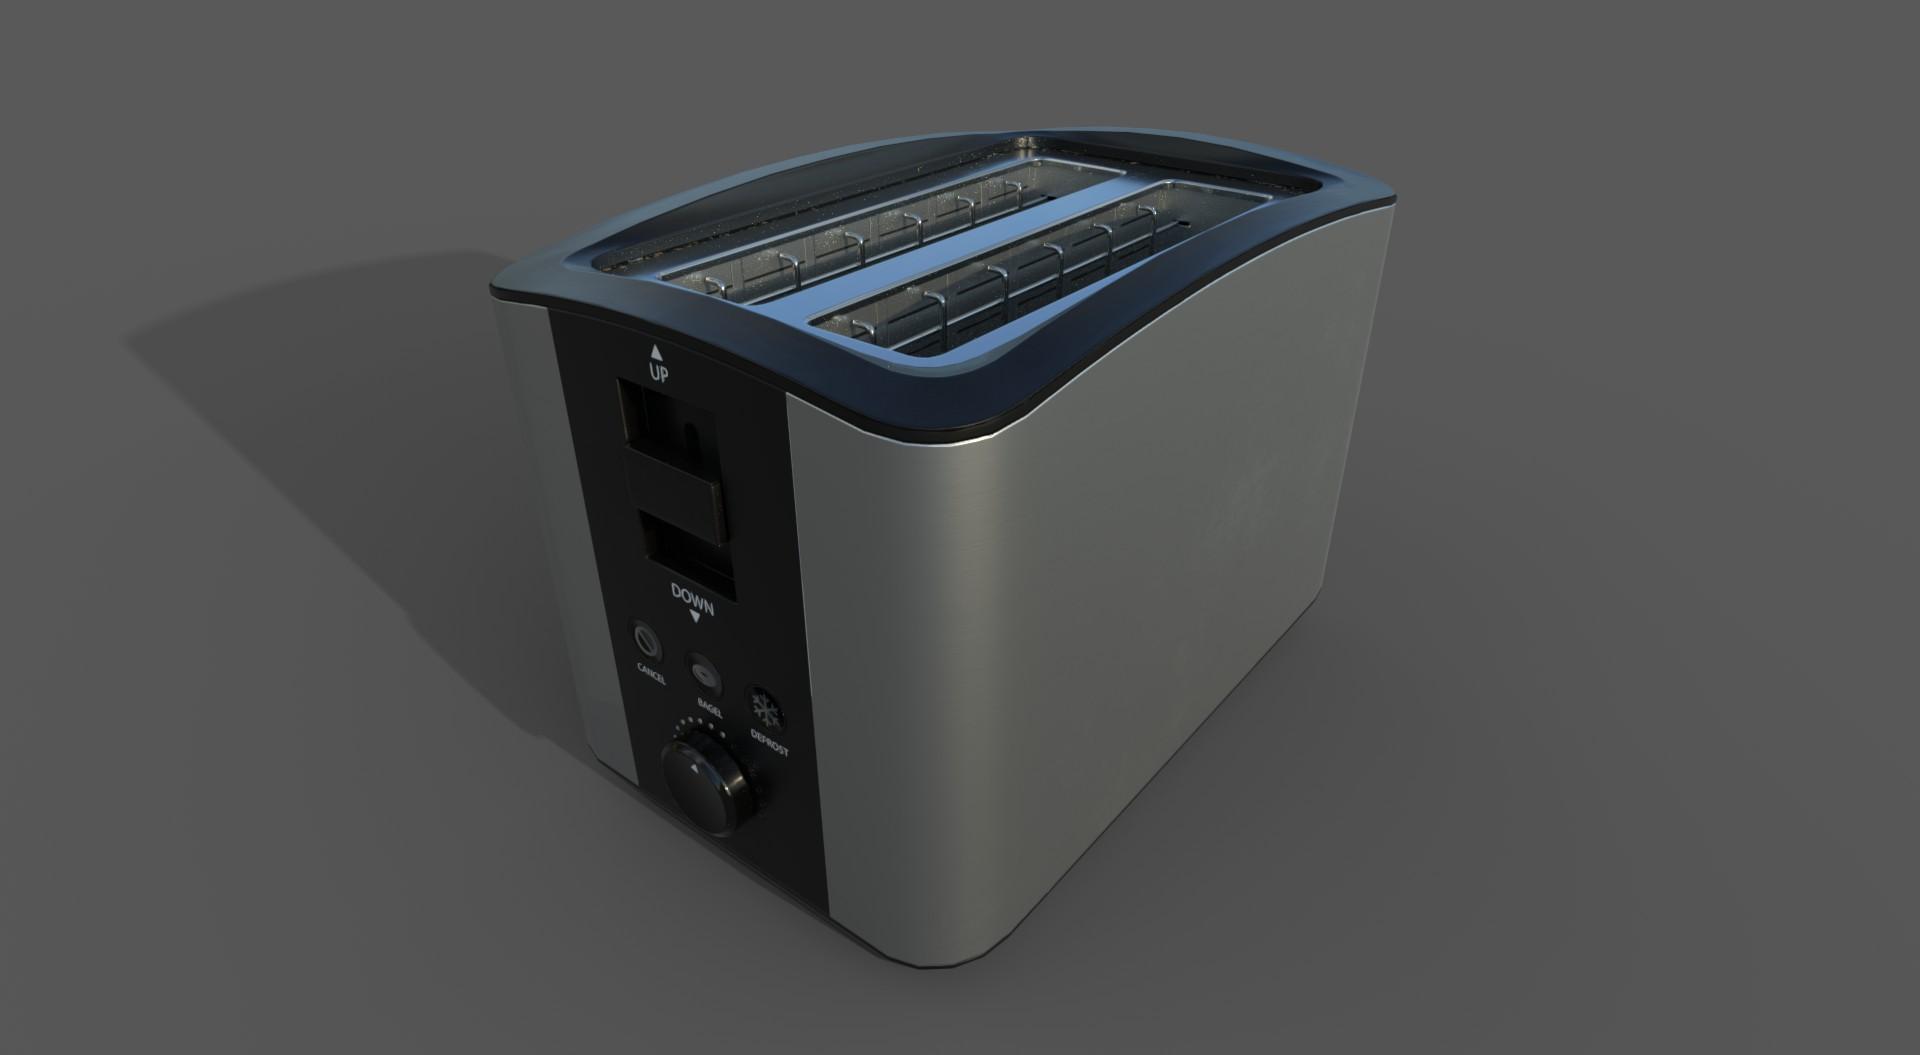 Toaster_6.jpg